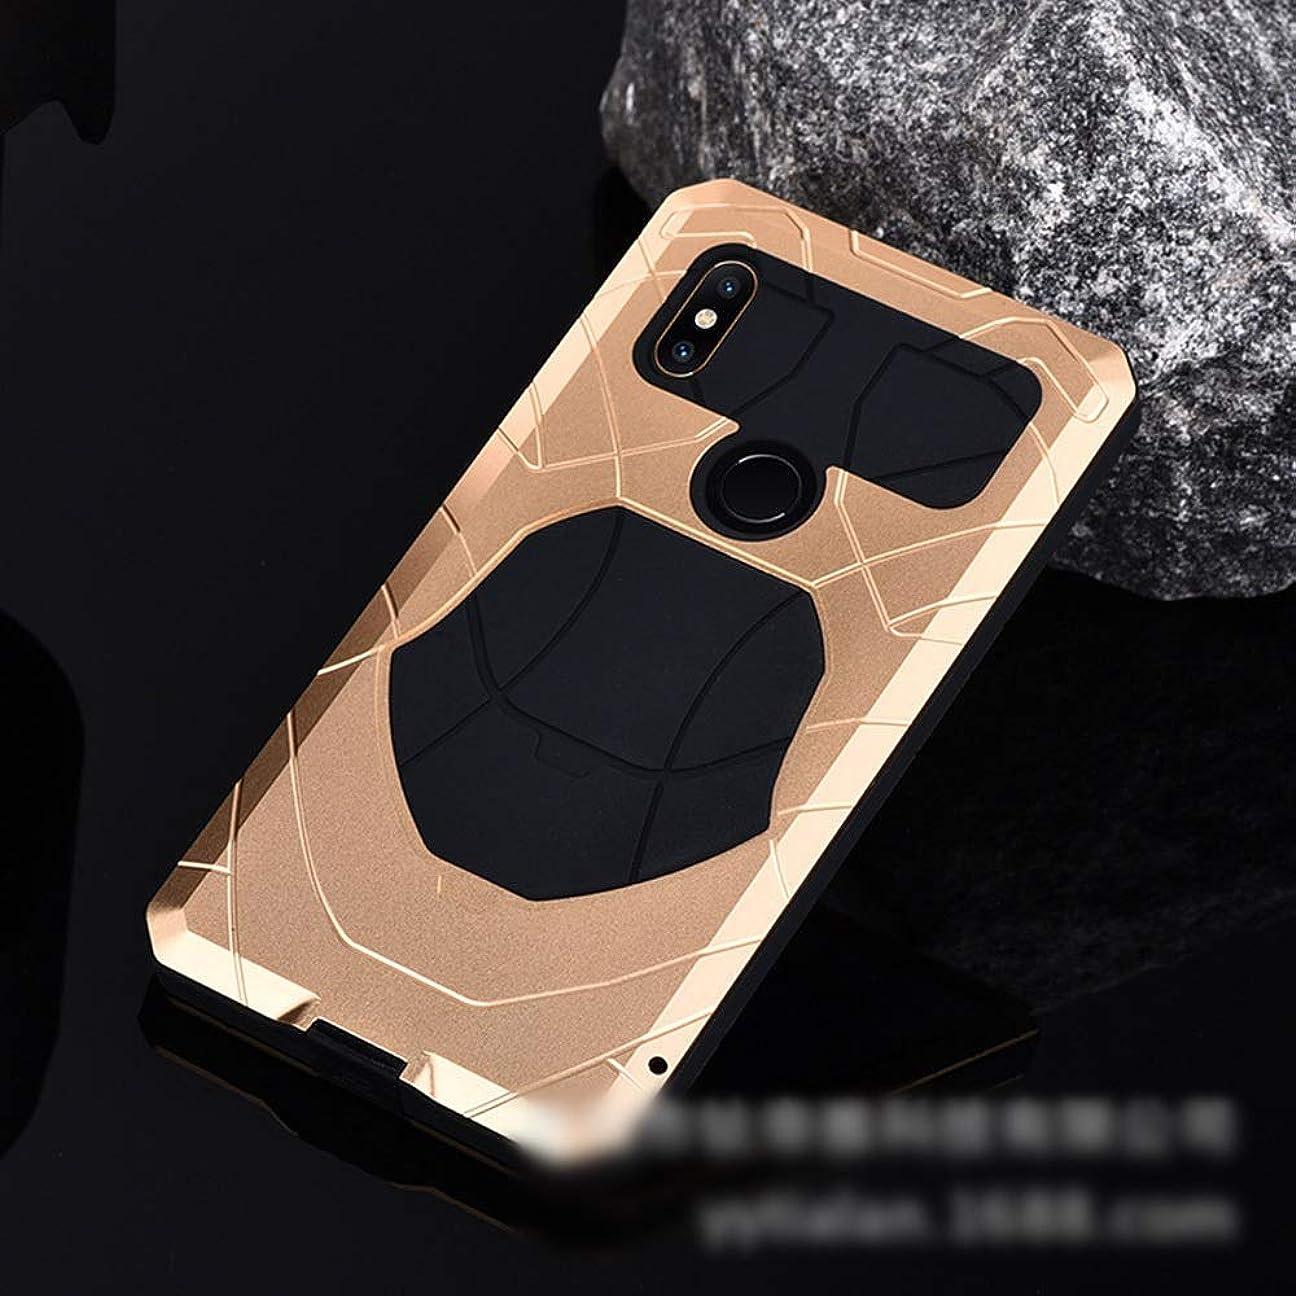 世代繊細ずっとTonglilili Xiaomi Mix2、Mix、Max2、Max3、Mix2S用の3つのアンチ携帯電話シェル新メタルシェルモデル飛散防止保護カバー電話ケース (Color : ゴールド, Edition : Mix2)